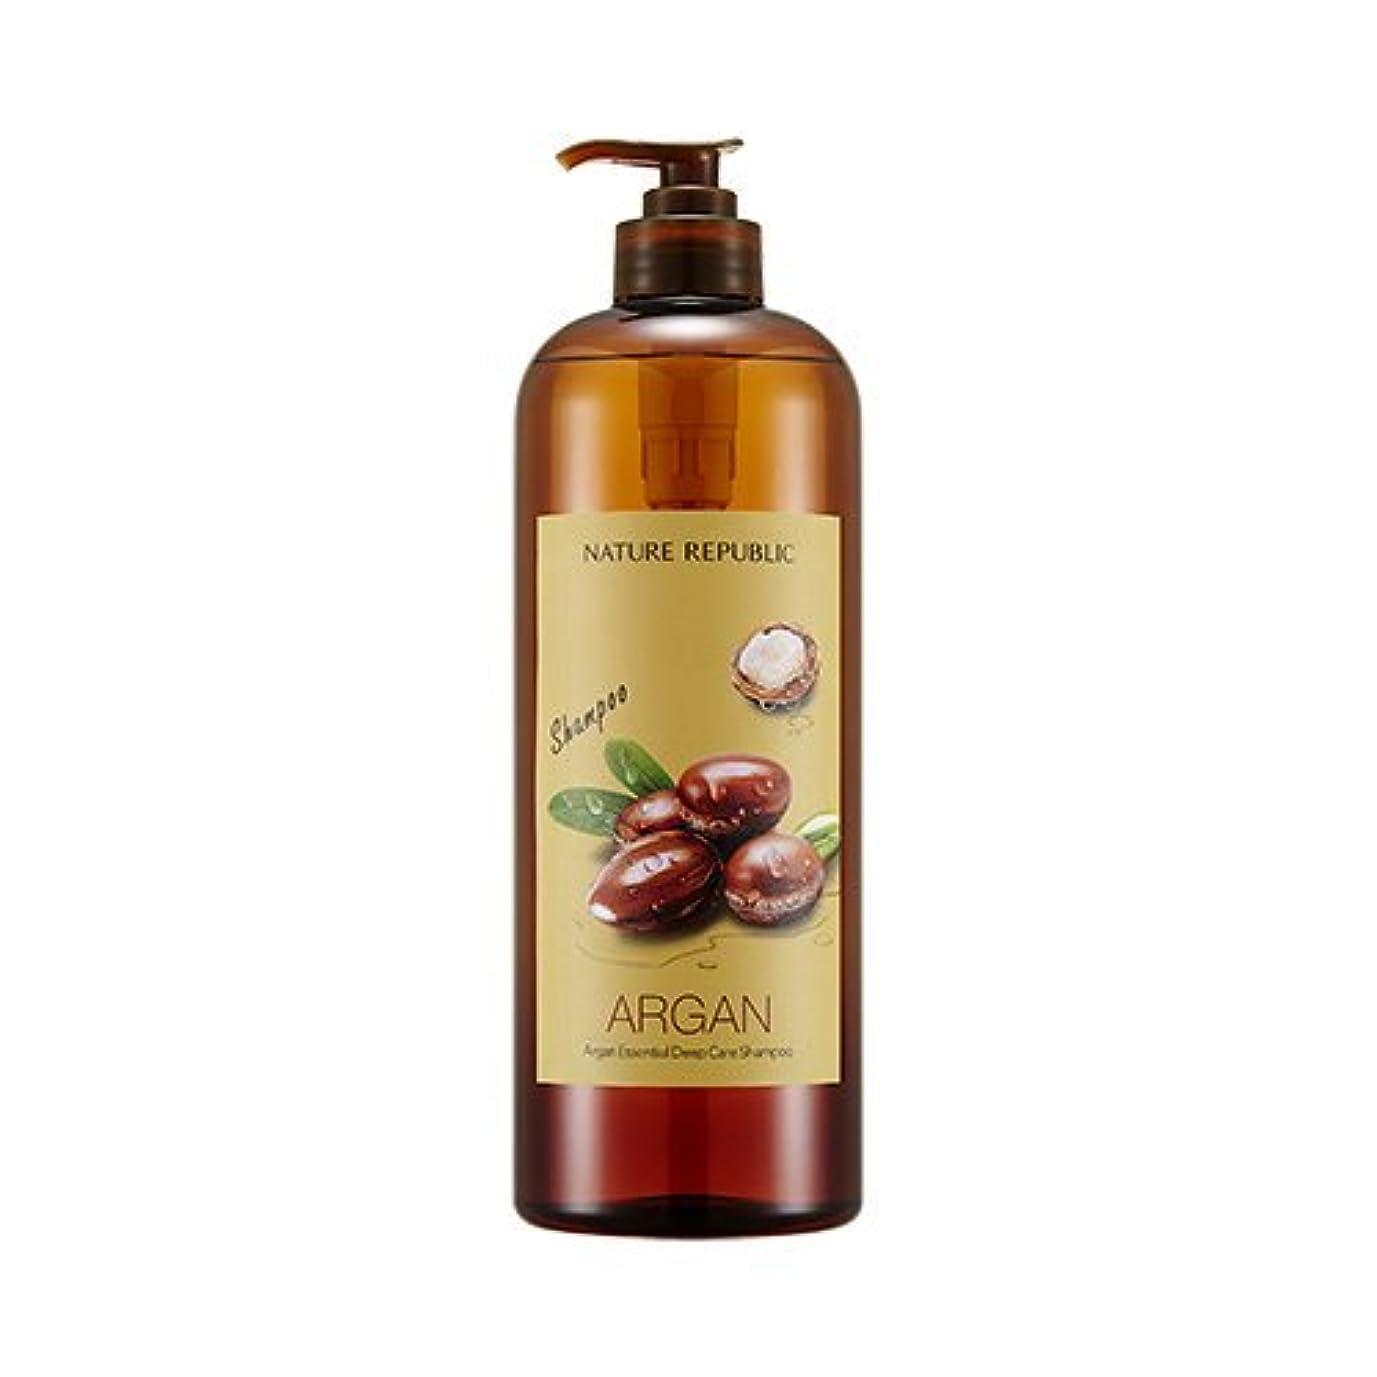 前投薬申込み人質NATURE REPUBLIC Argan Essential Deep Care Shampoo 1000? ネイチャーリパブリック アルガンエッセンシャルディープケアシャンプー(大容量) [並行輸入品]